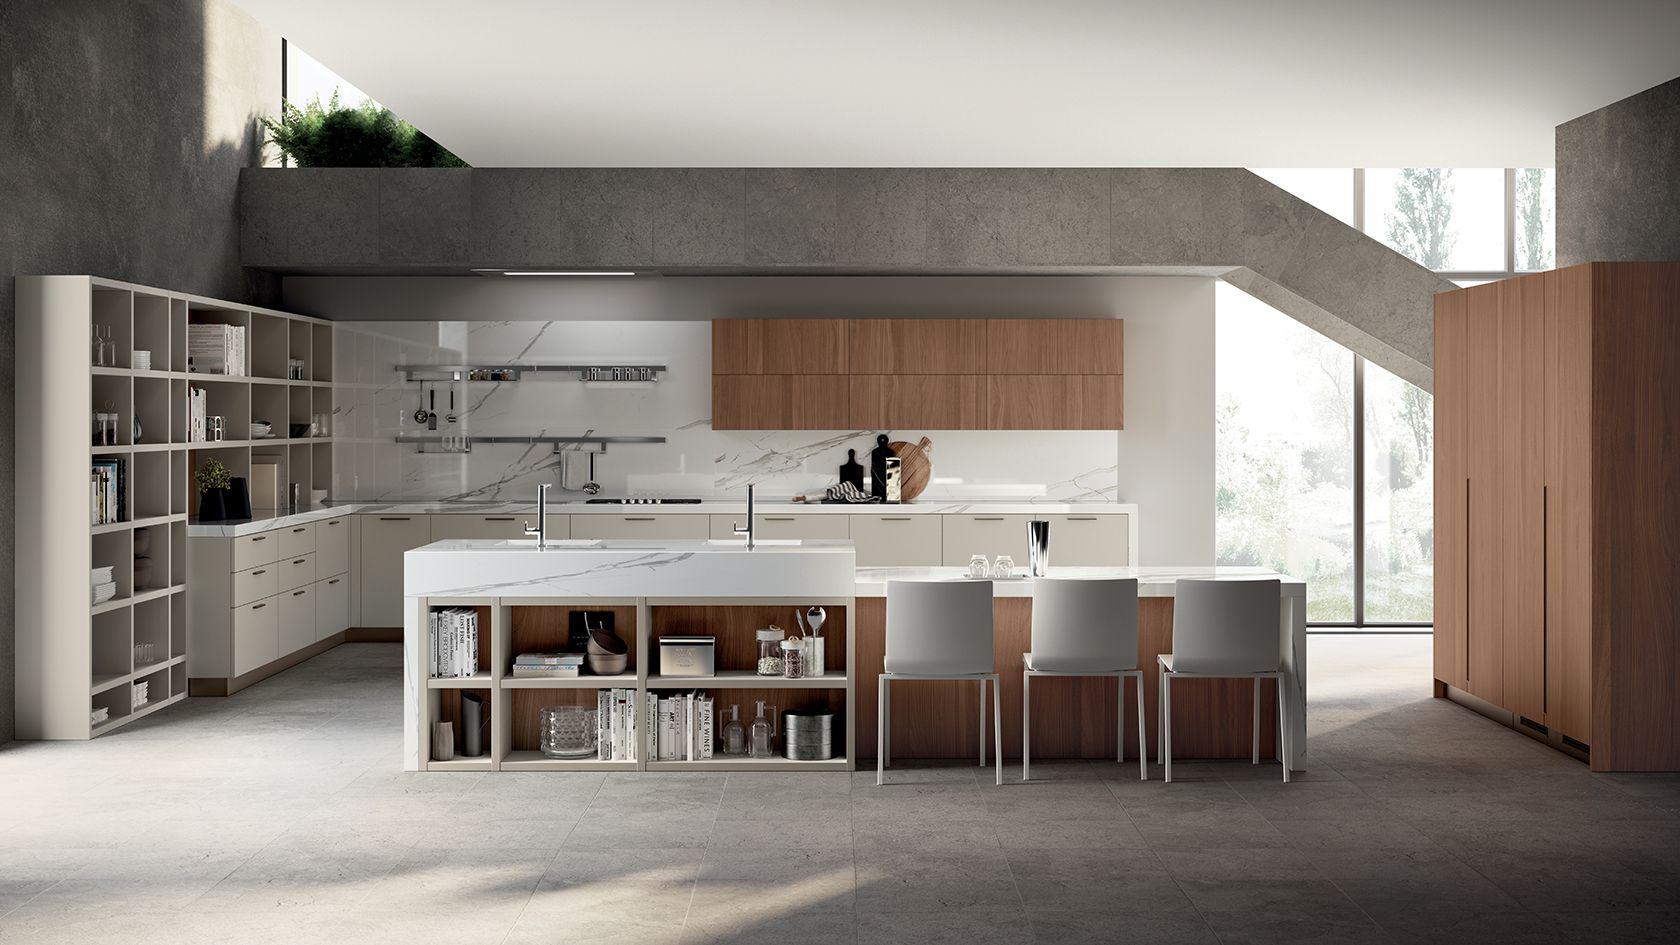 Cucina Mood | Sito ufficiale Scavolini | Cucine | Pinterest ...